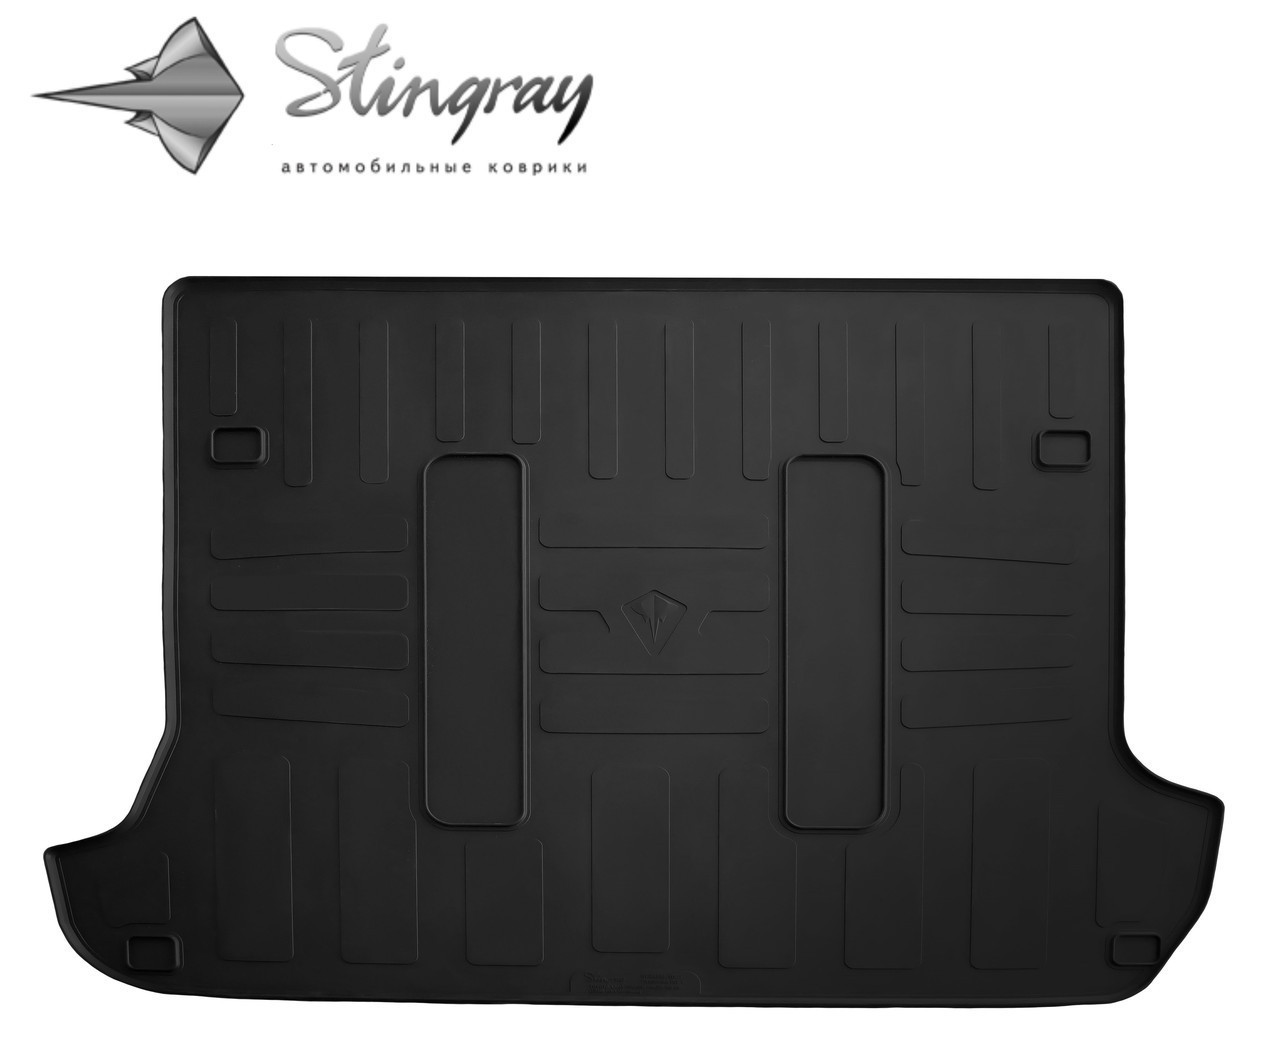 Коврик багажника Lexus GX 470 2002- (7 мест) Stingray